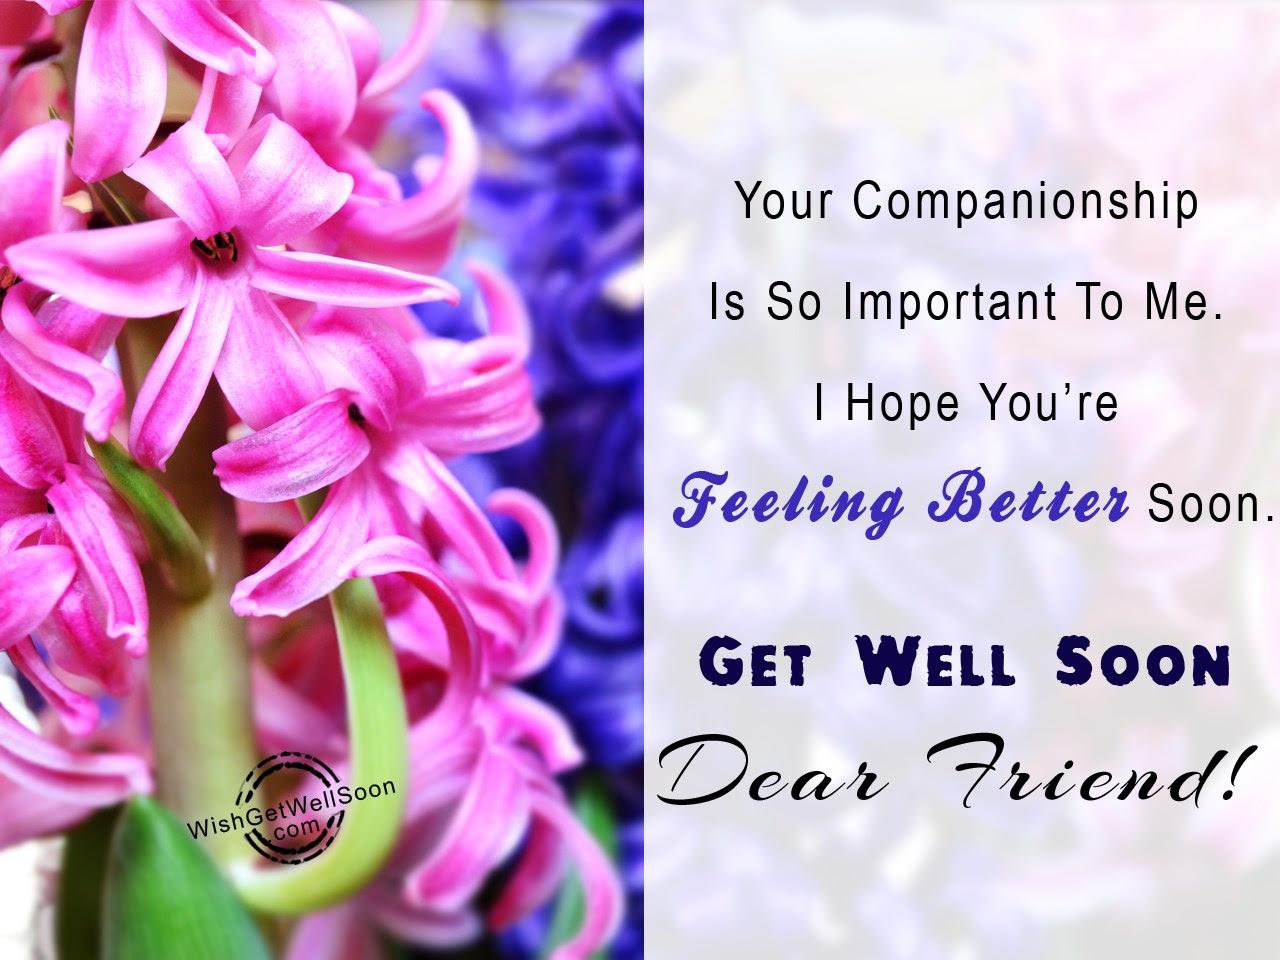 I Hope Youre Feeling Better Soon Get Well Soon Dear Friend